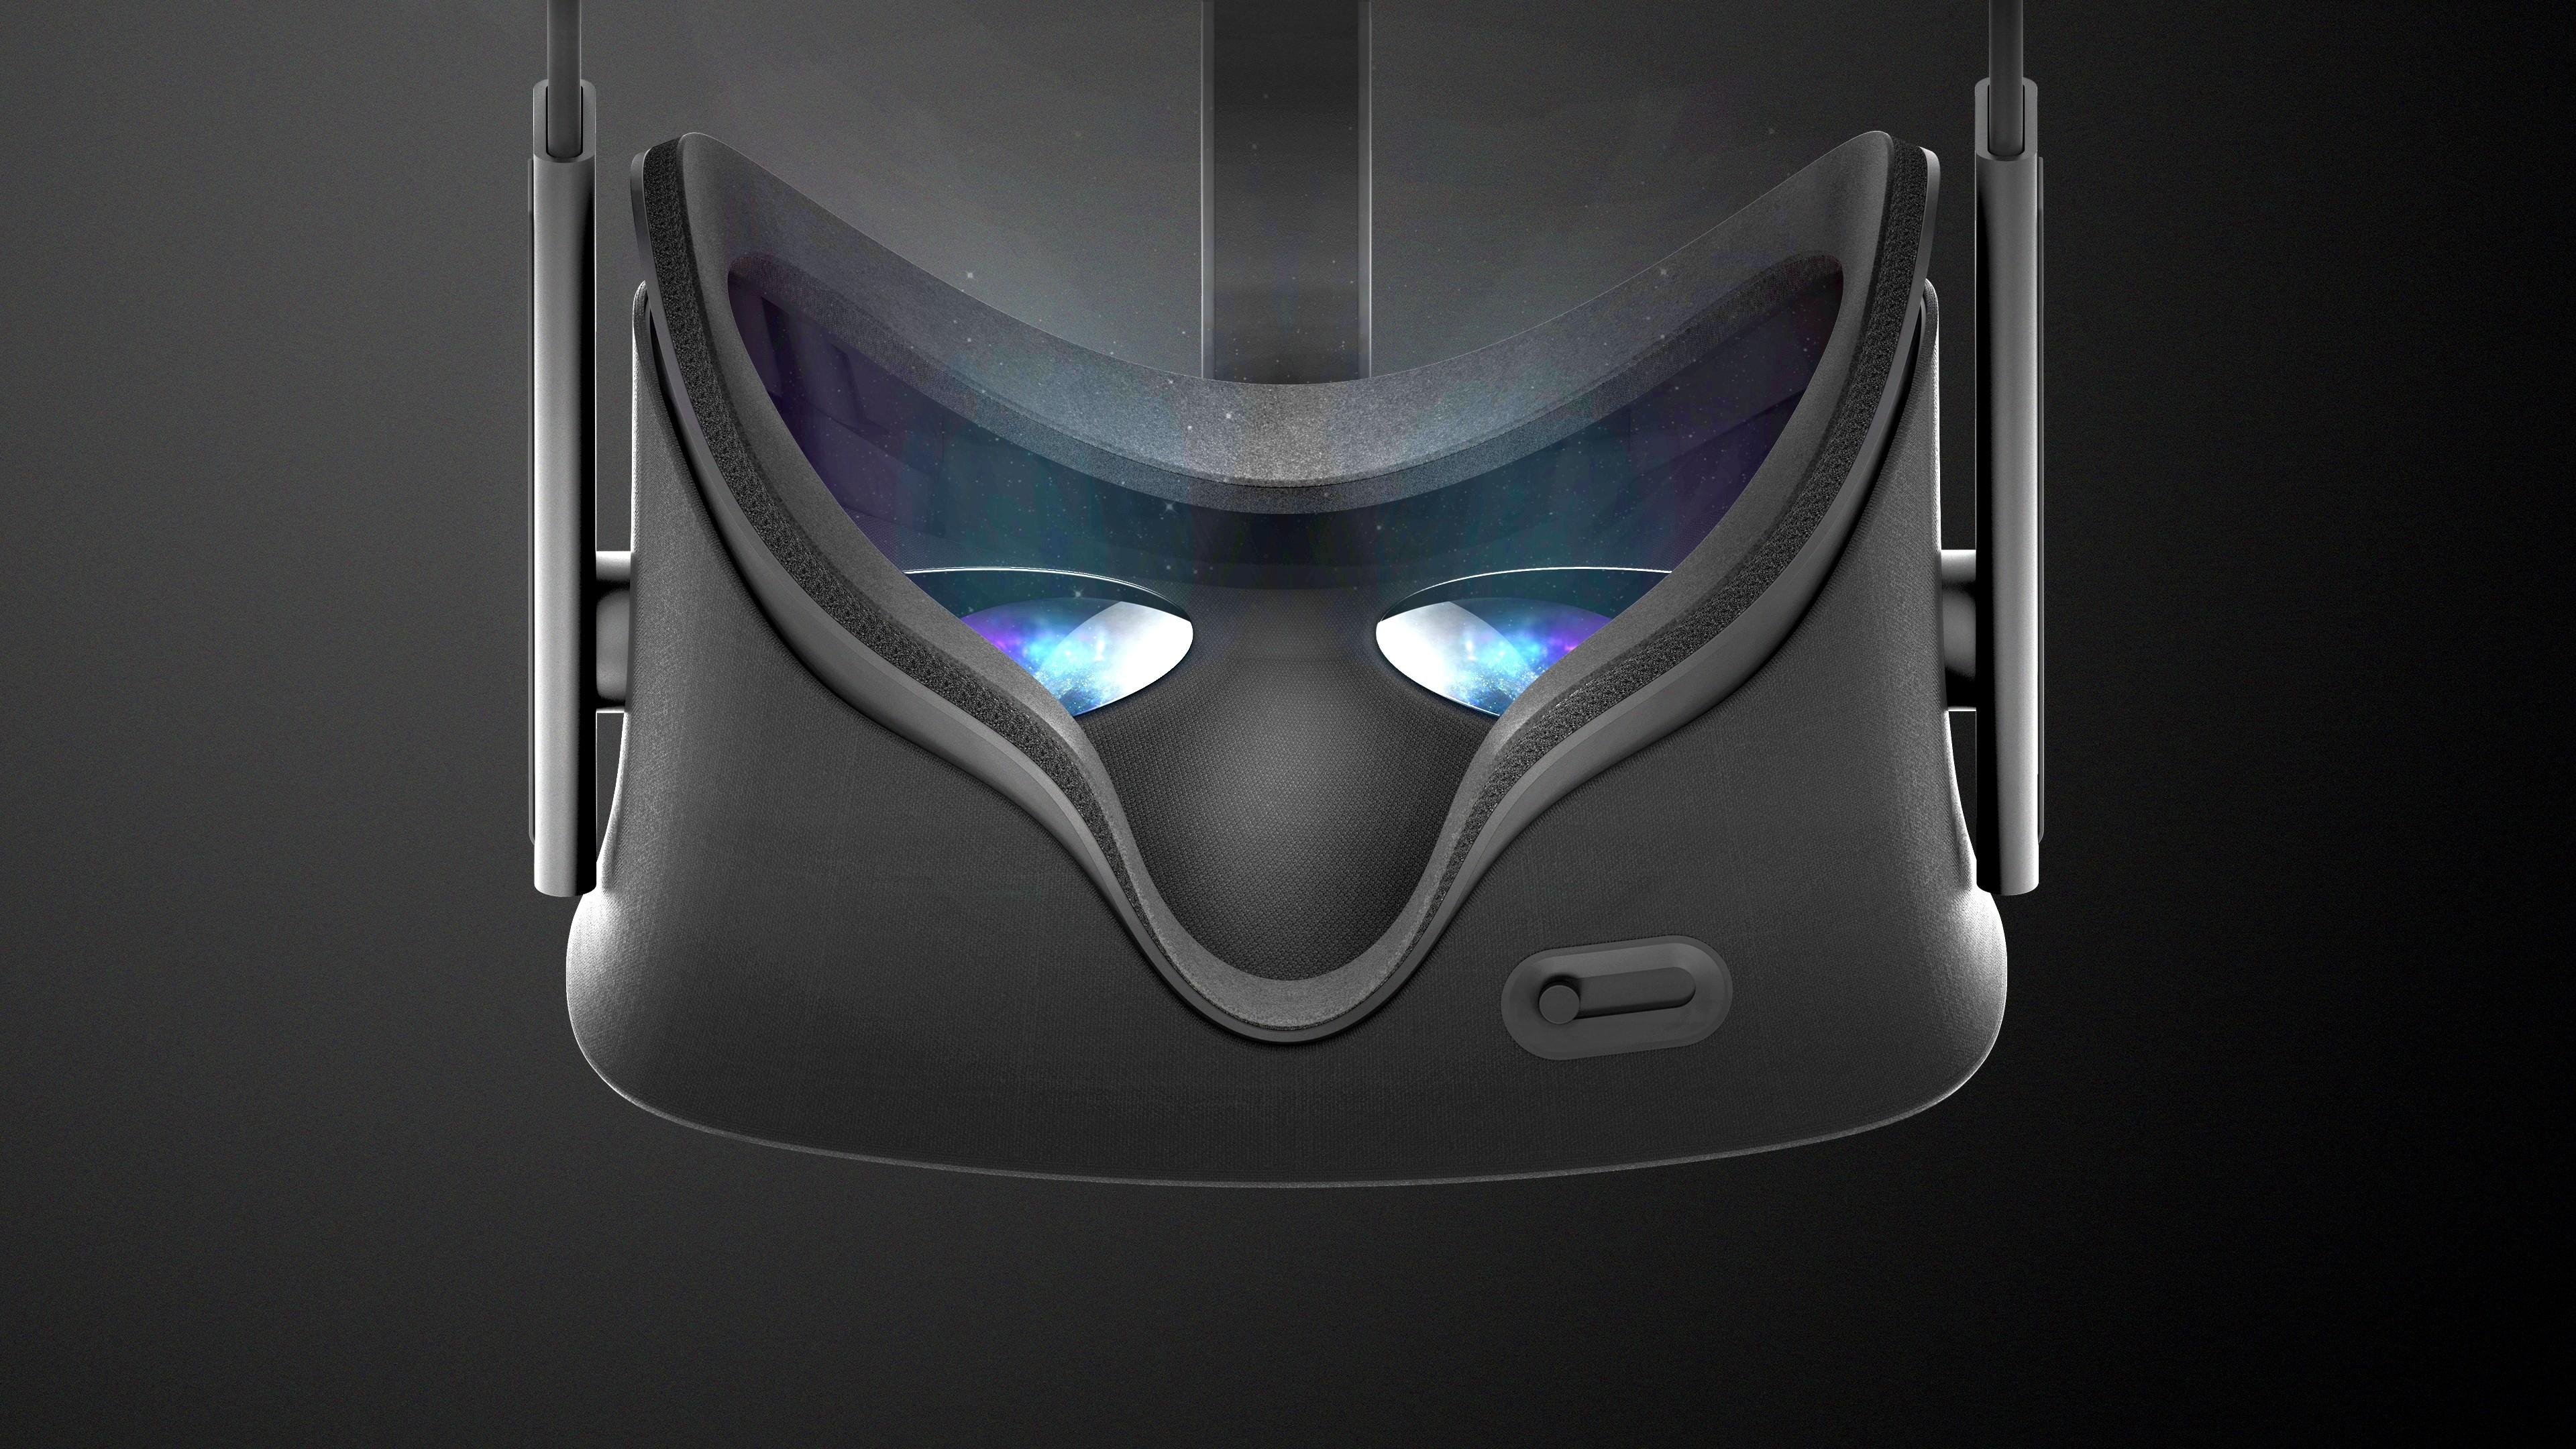 Wallpaper Oculus Rift Virtual Reality VR Headset 3D Hi Tech 6208